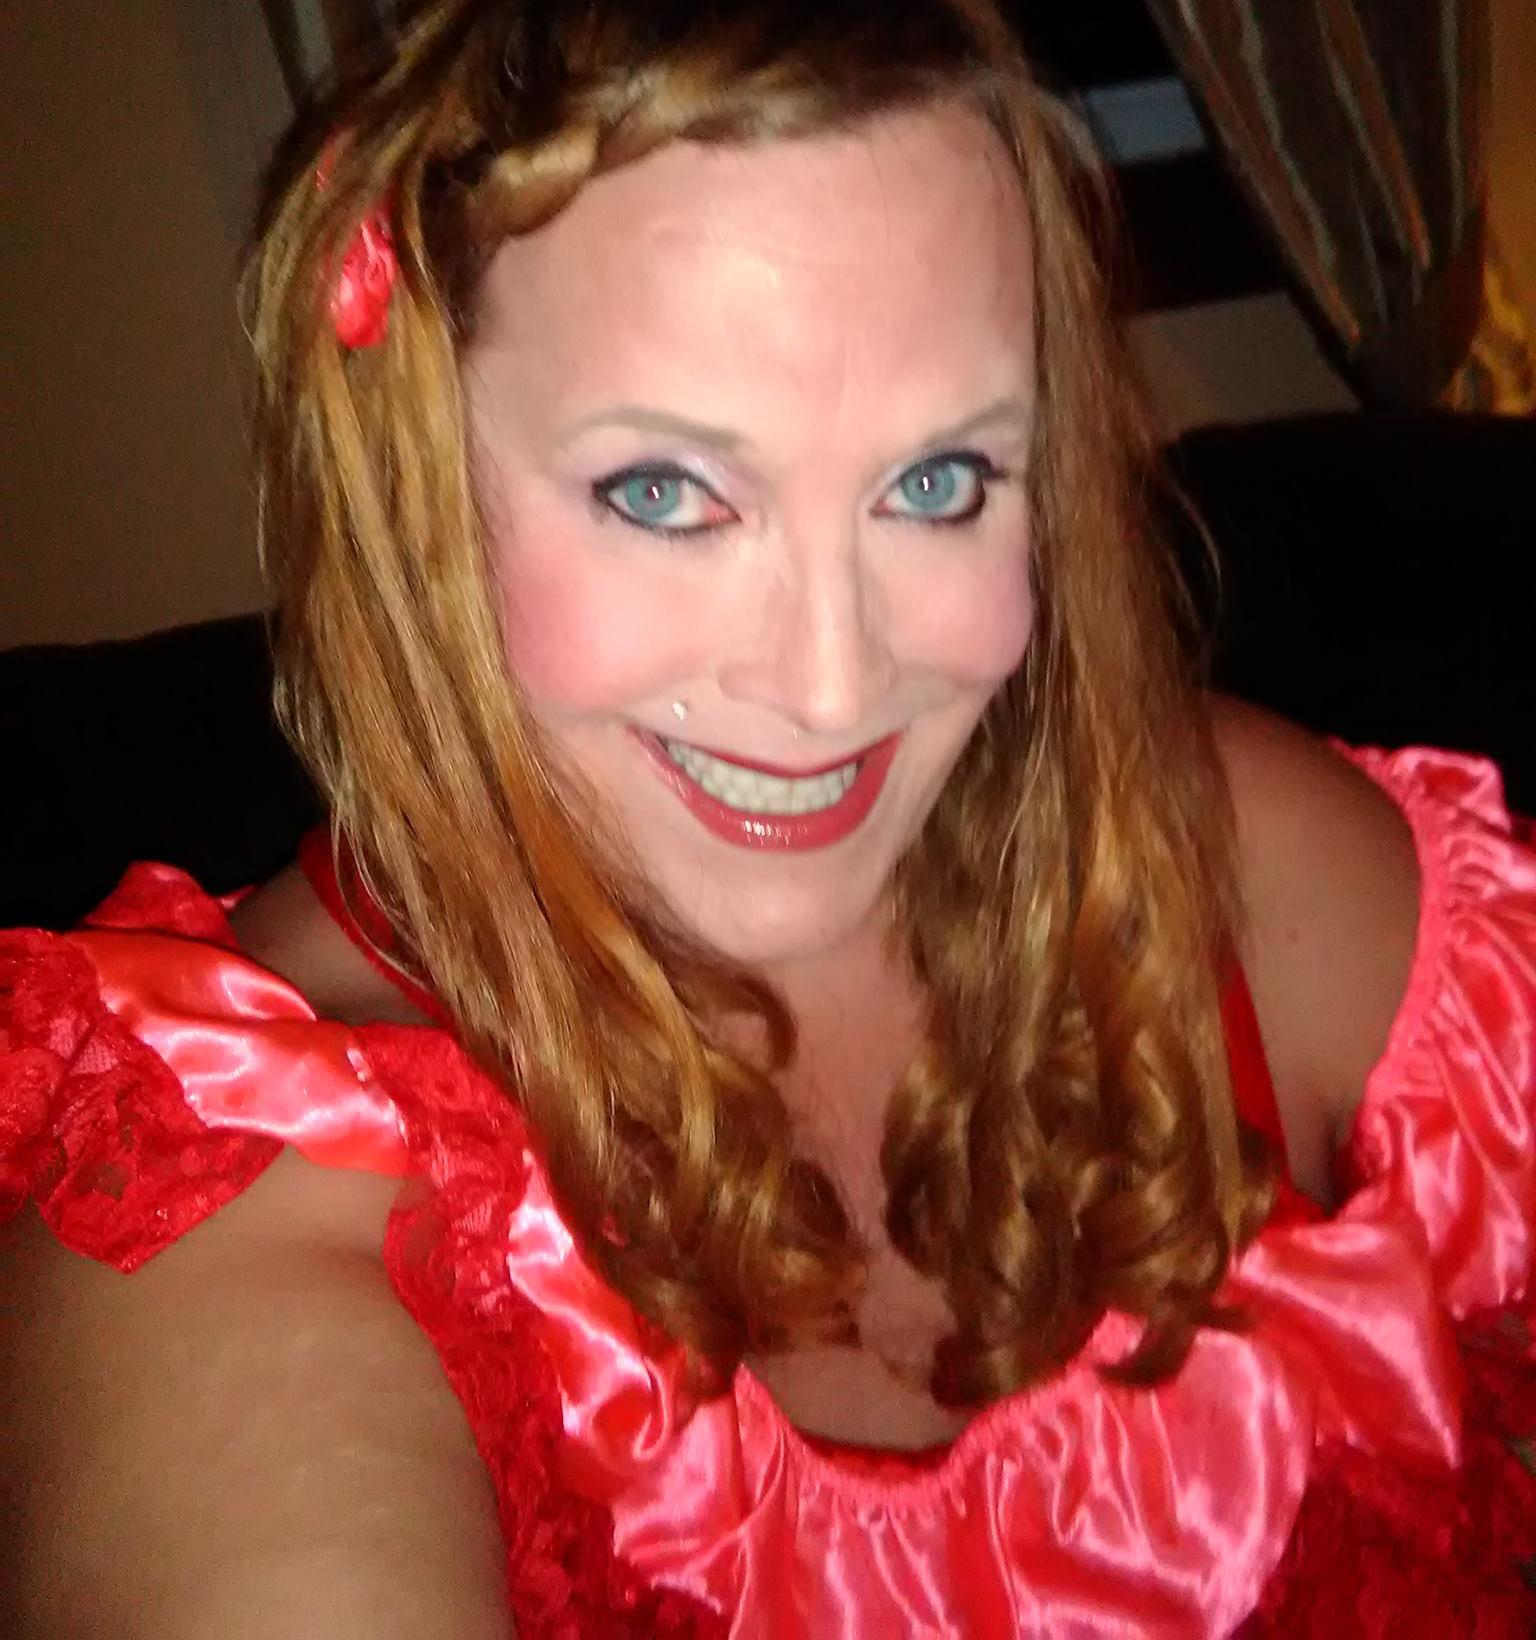 Brutal-murder-highlights-intimate-partner-violence-in-transgender-community